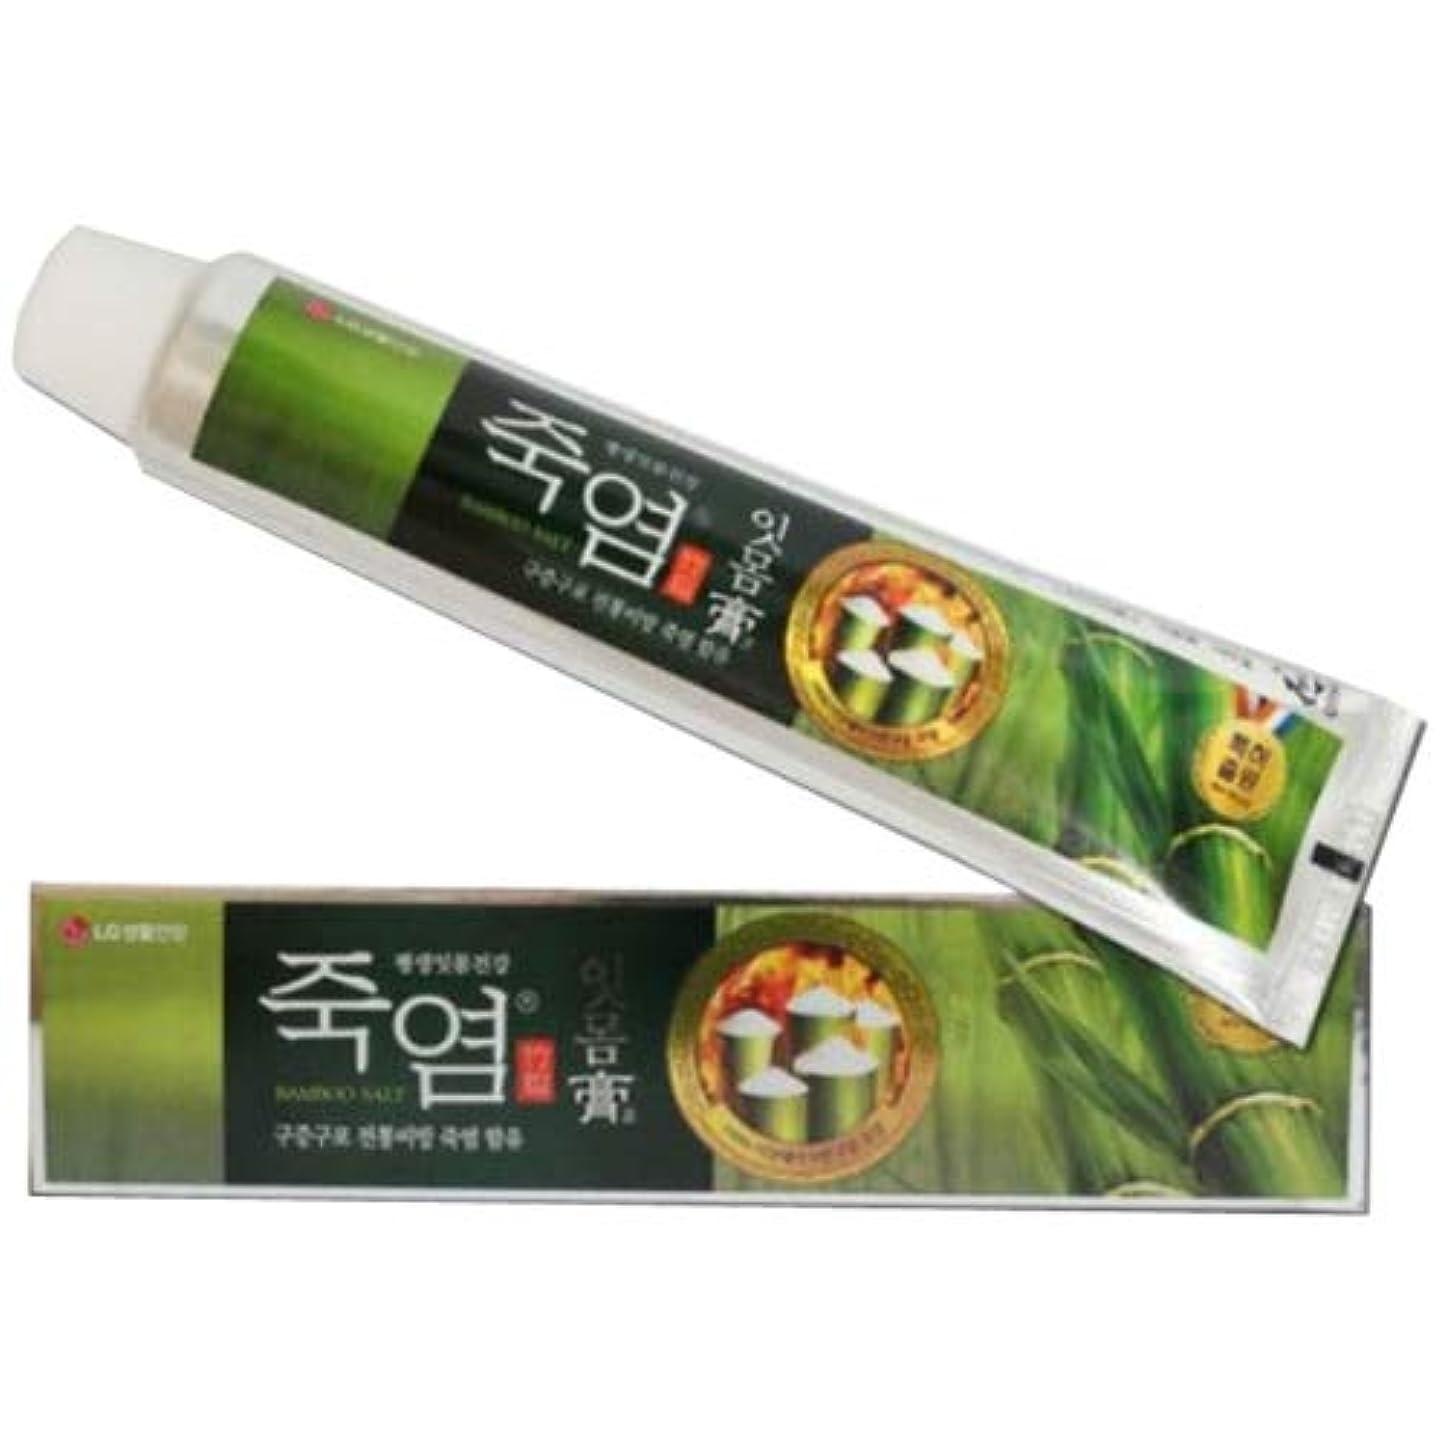 糞酒誇張LG生活健康 竹塩歯磨き粉 (歯康膏:ウンガンゴ)(120g X2個) 竹塩歯磨き粉つぶれて歯茎を健康に ウンガンゴ